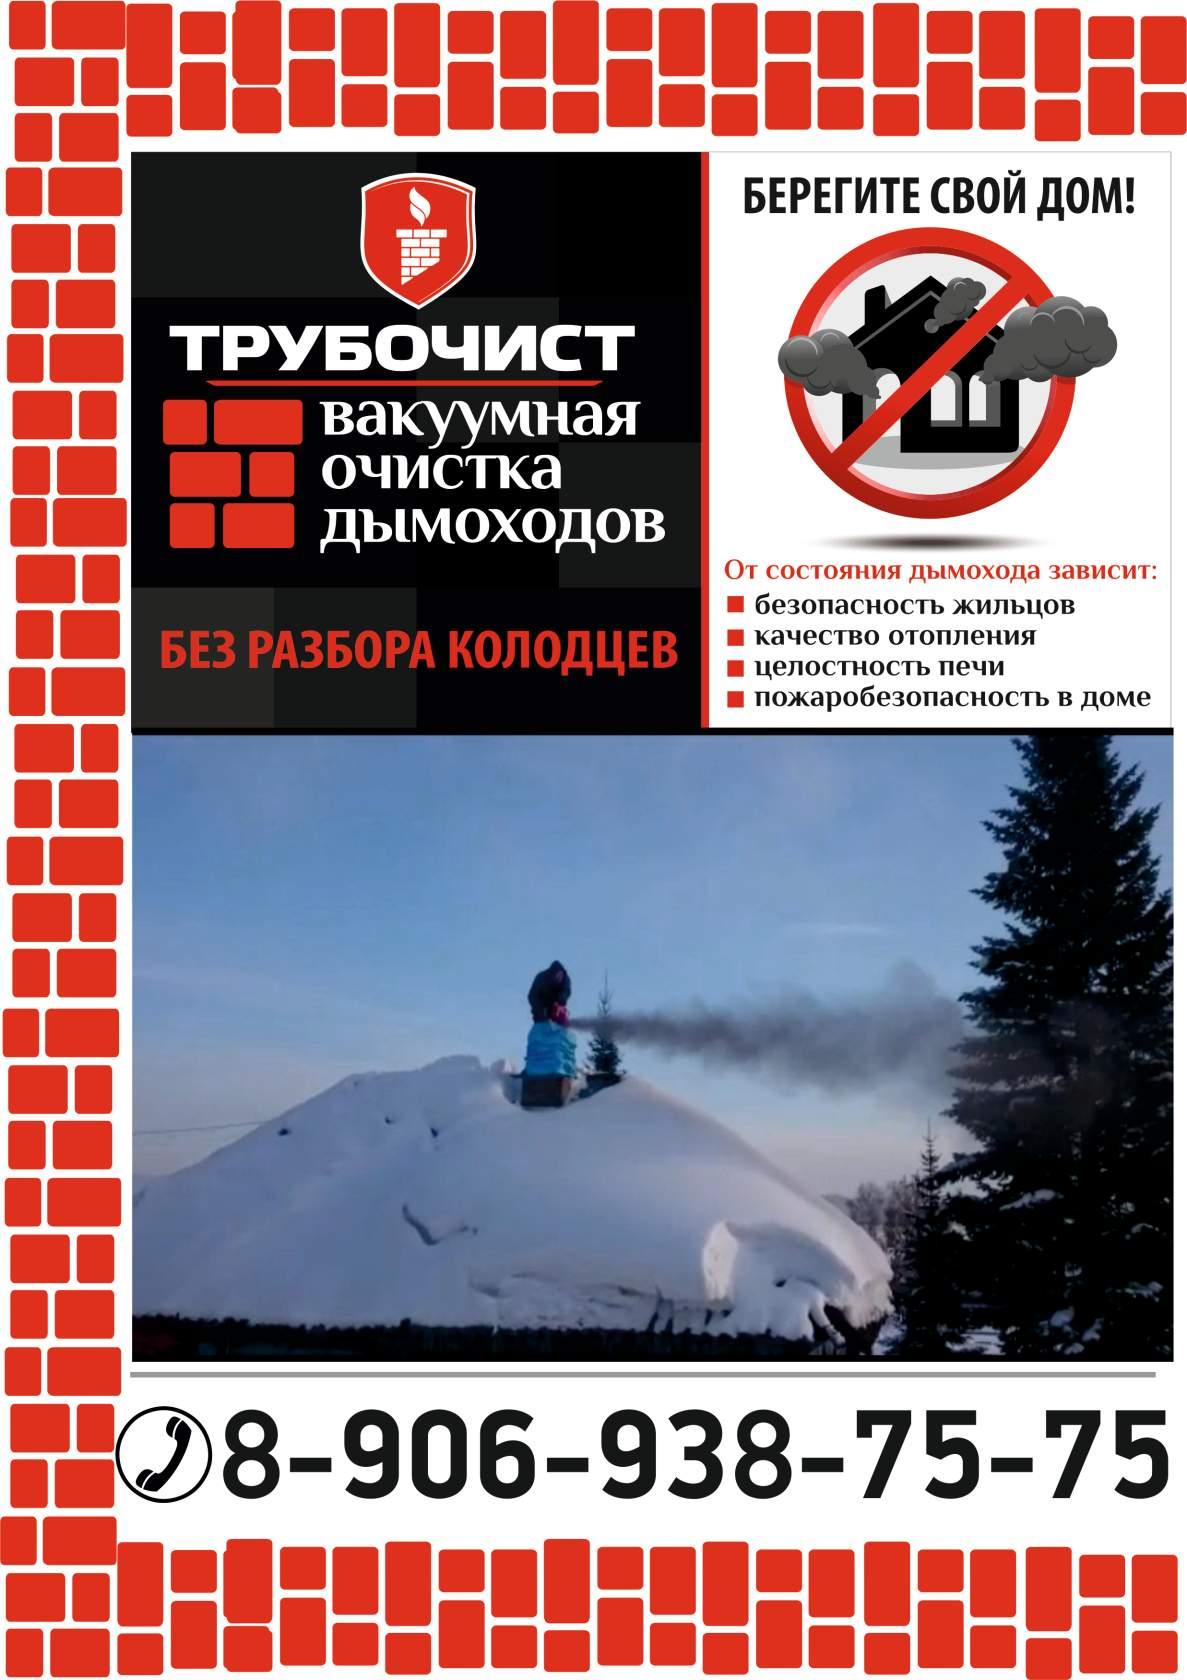 Вакуумная чистка дымоходов и печных колодцев специальным оборудованием. dbe302896ac